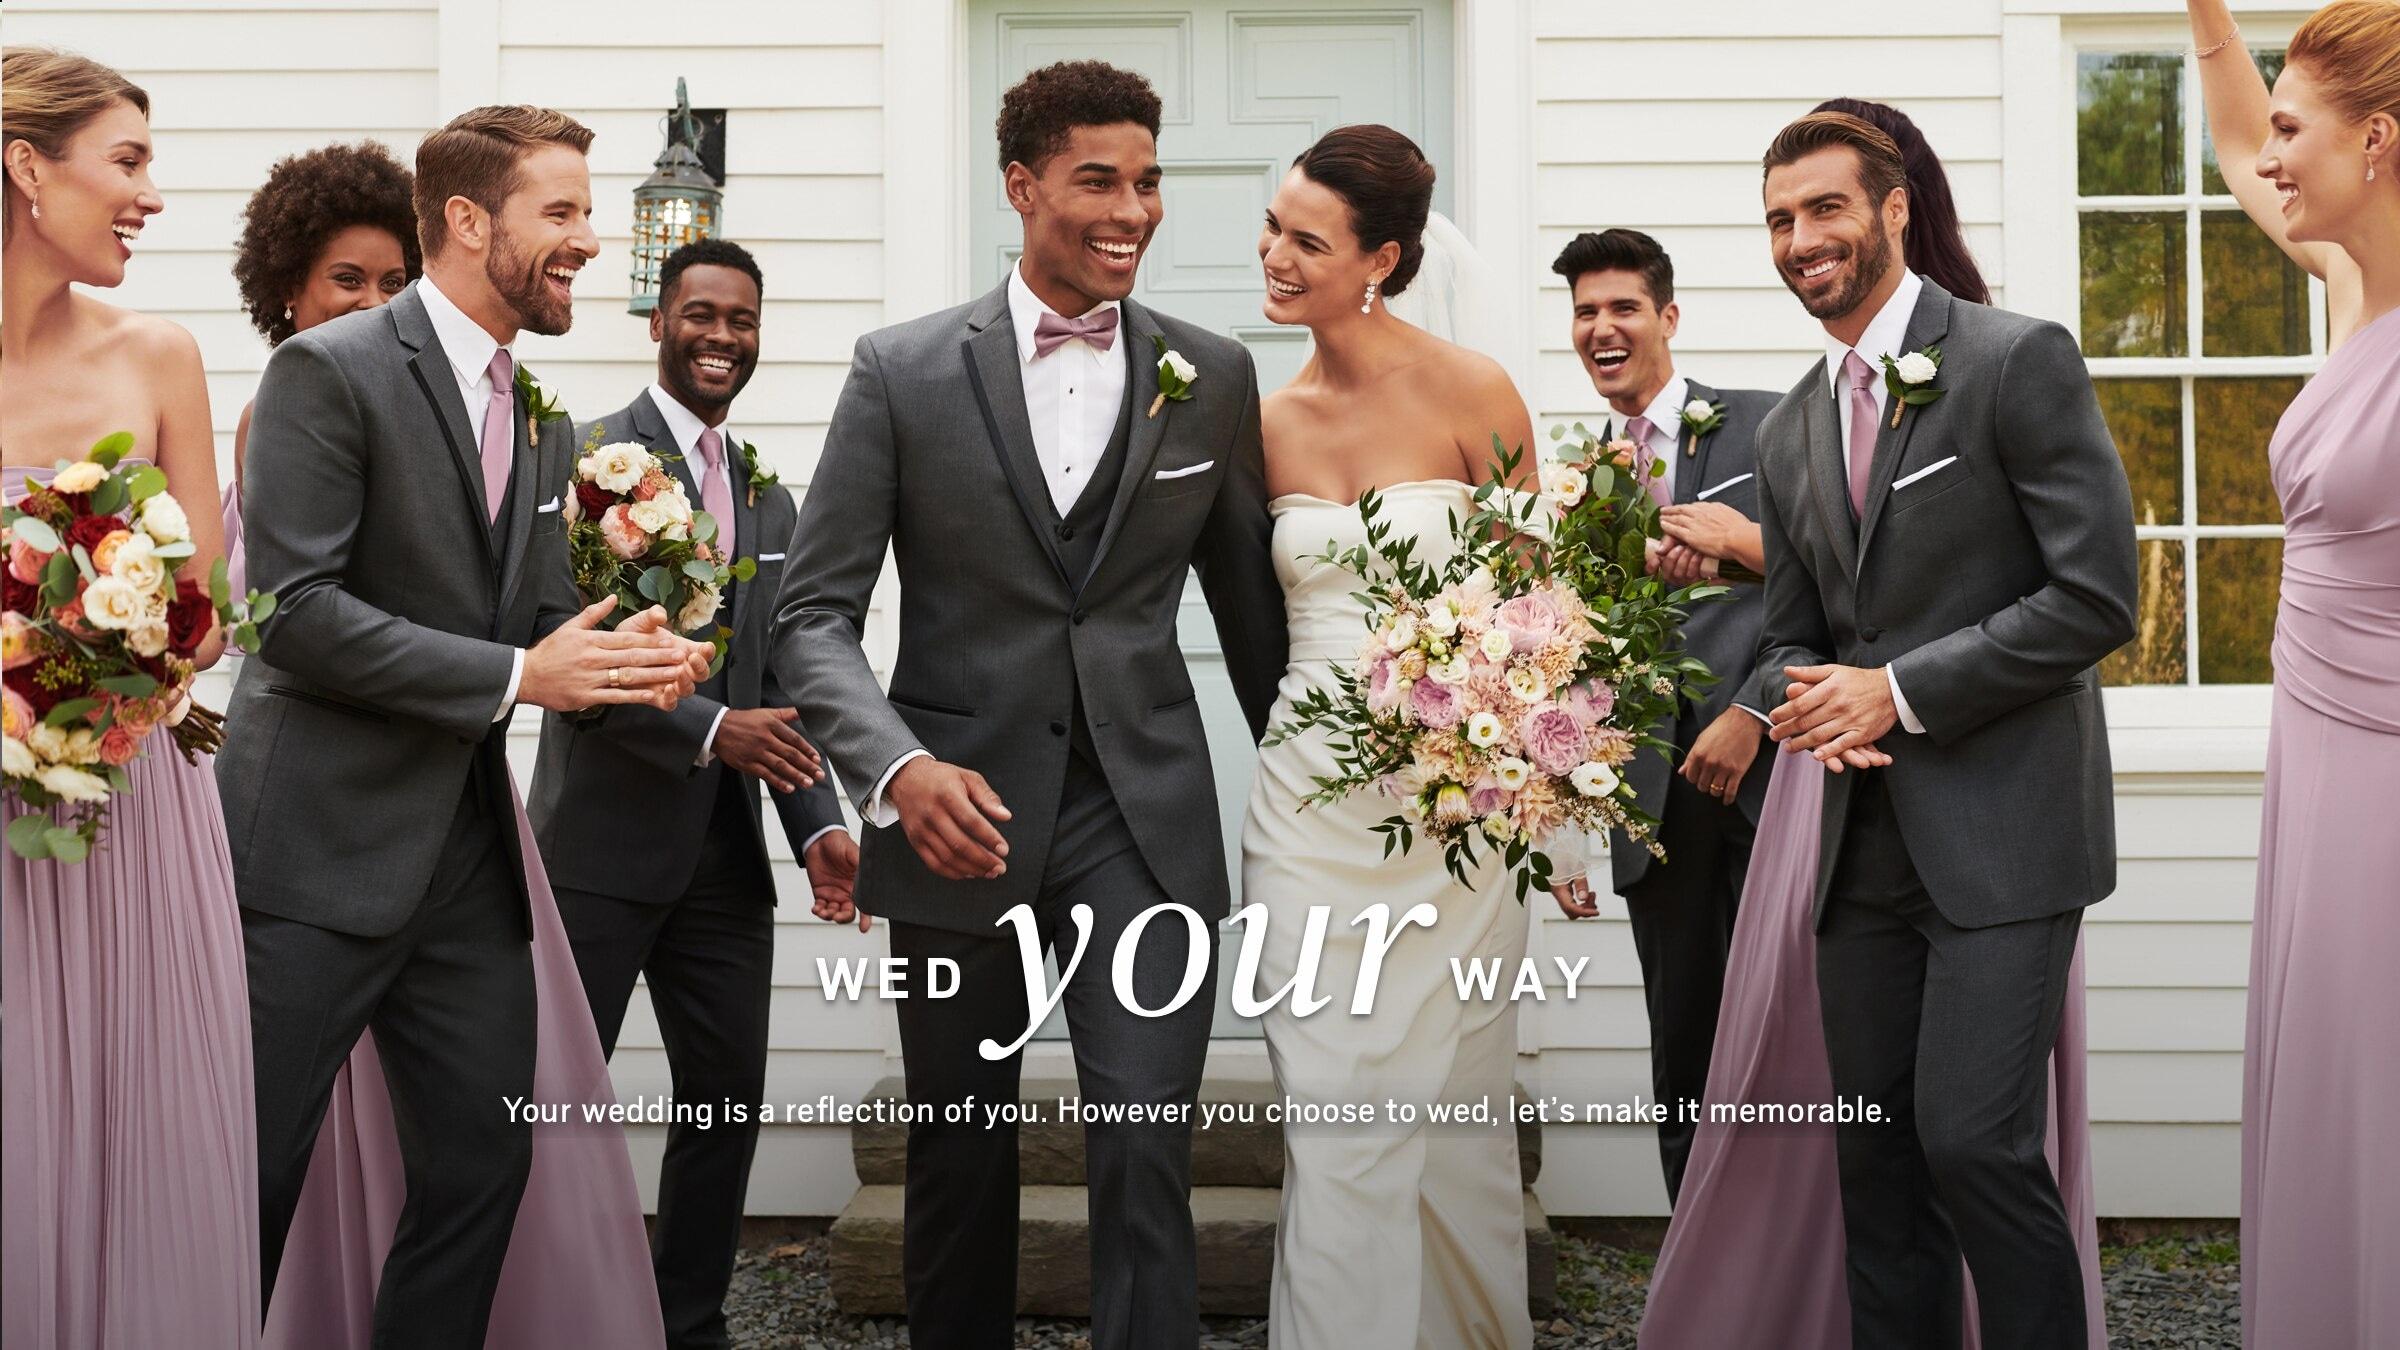 Wedding Tuxedos Wedding Suits For Men Groom Men S Wearhouse